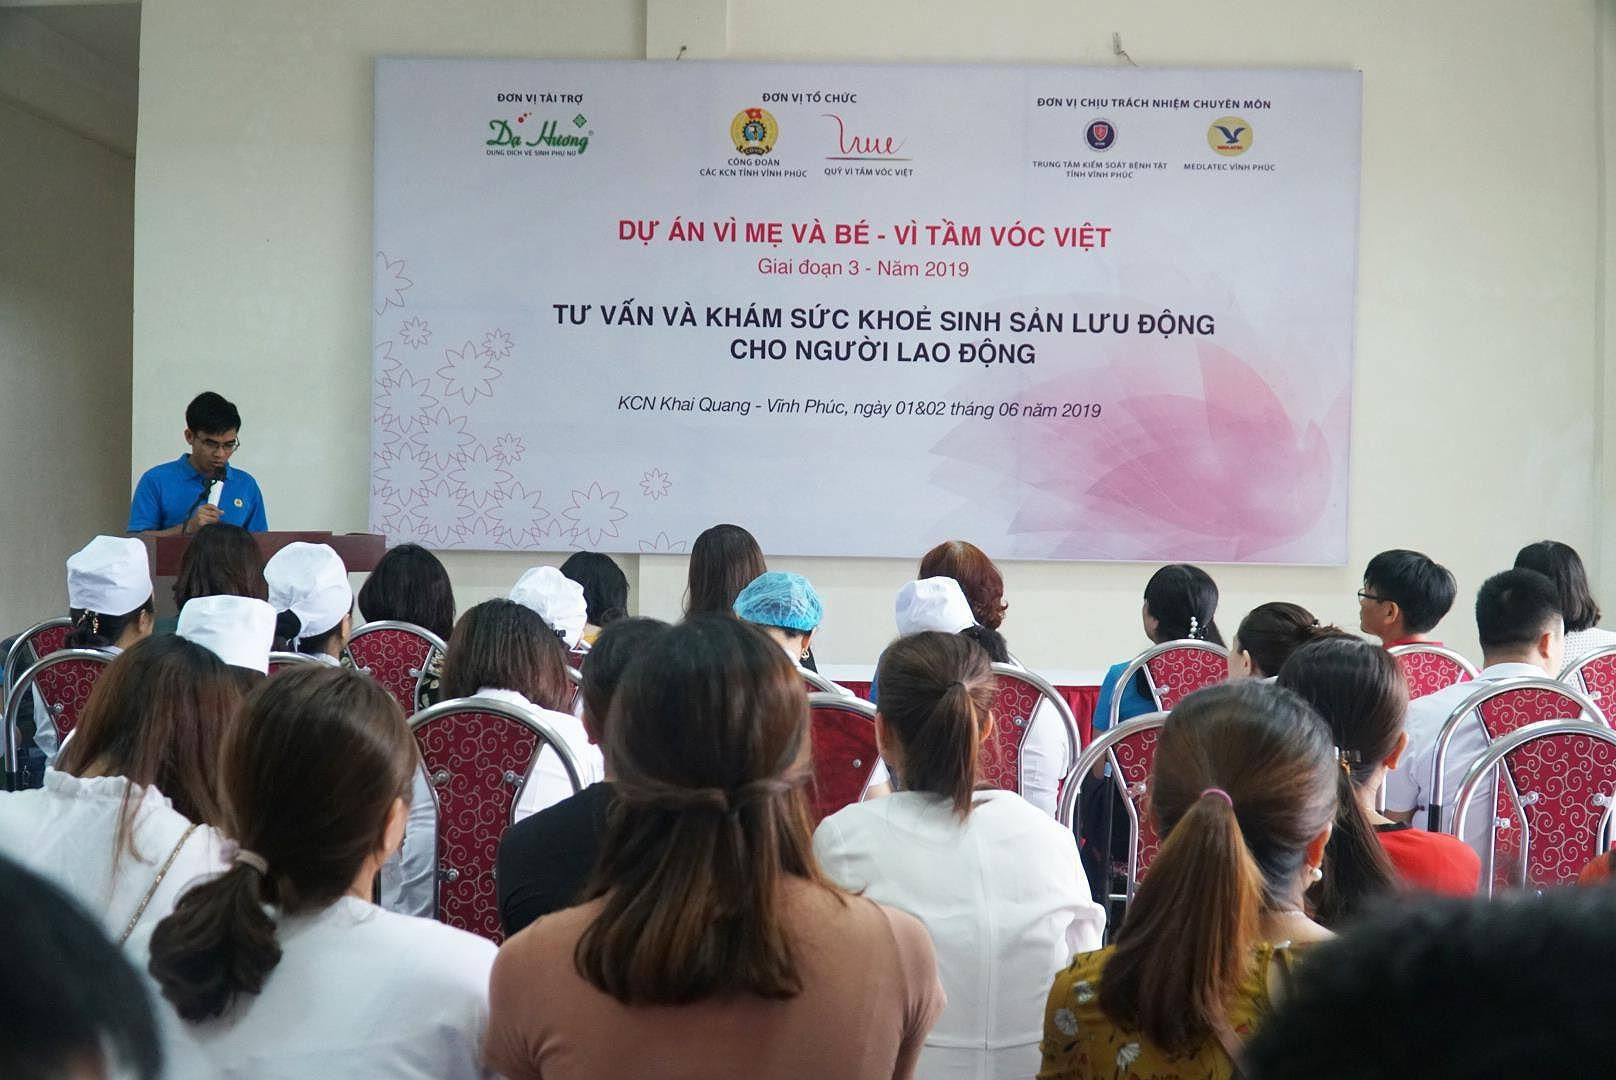 Nữ lao động tại Vĩnh Phúc được khám sức khỏe sinh sản miễn phí Ảnh 1